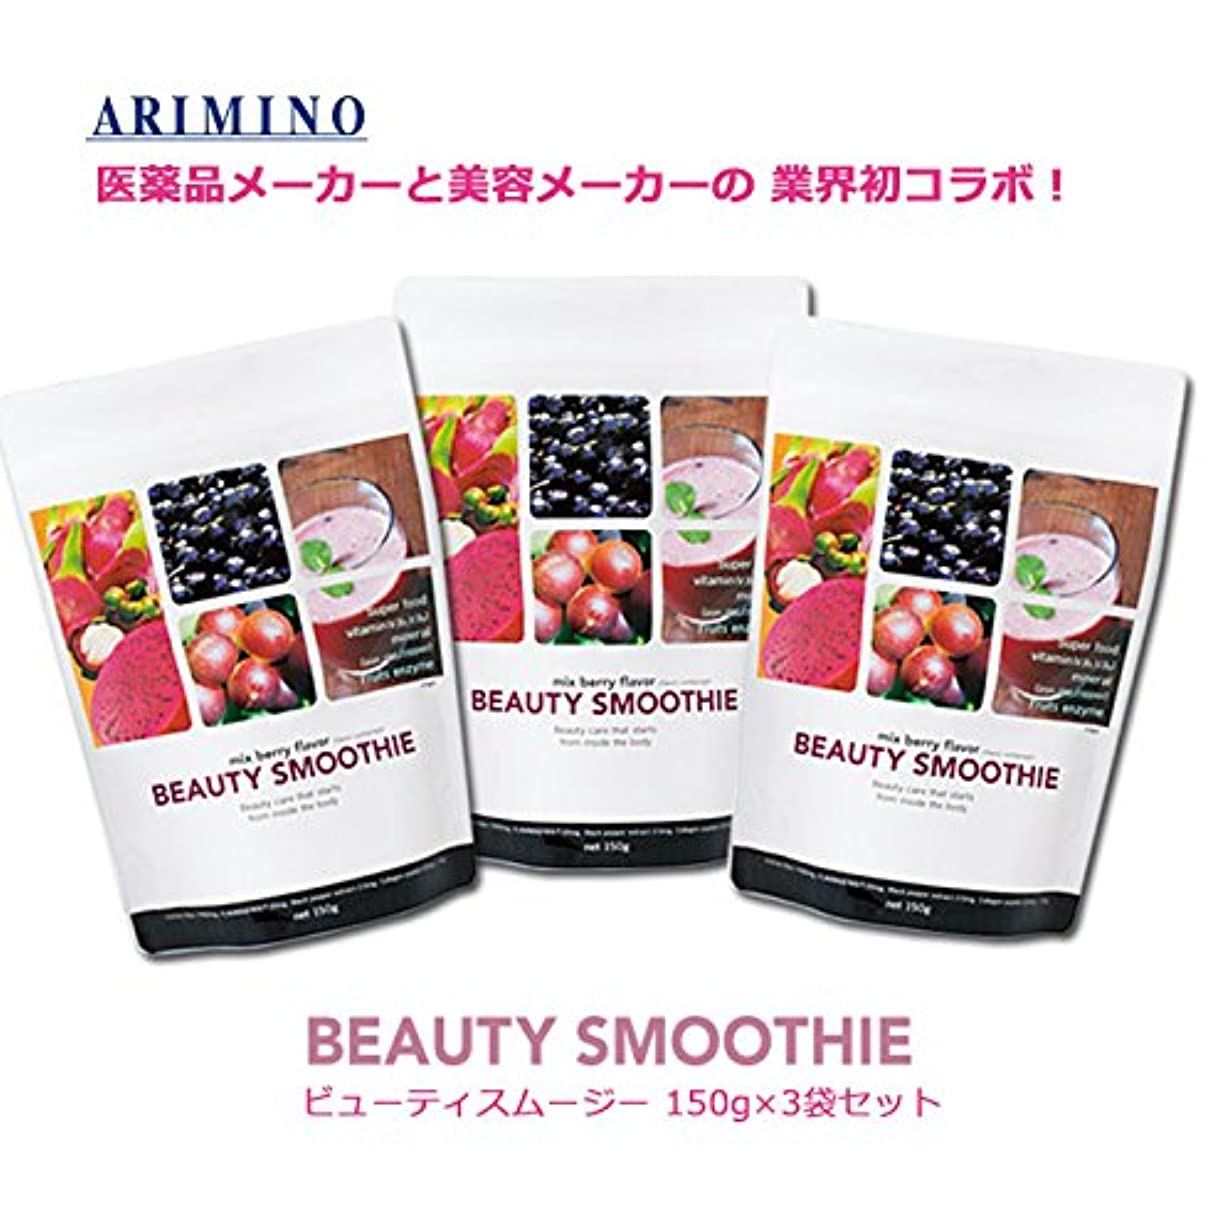 大聖堂資金硬さ【3個セット】 ARIMINO BEAUTY SMOOTHIE アリミノ ビューティスムージー 150g